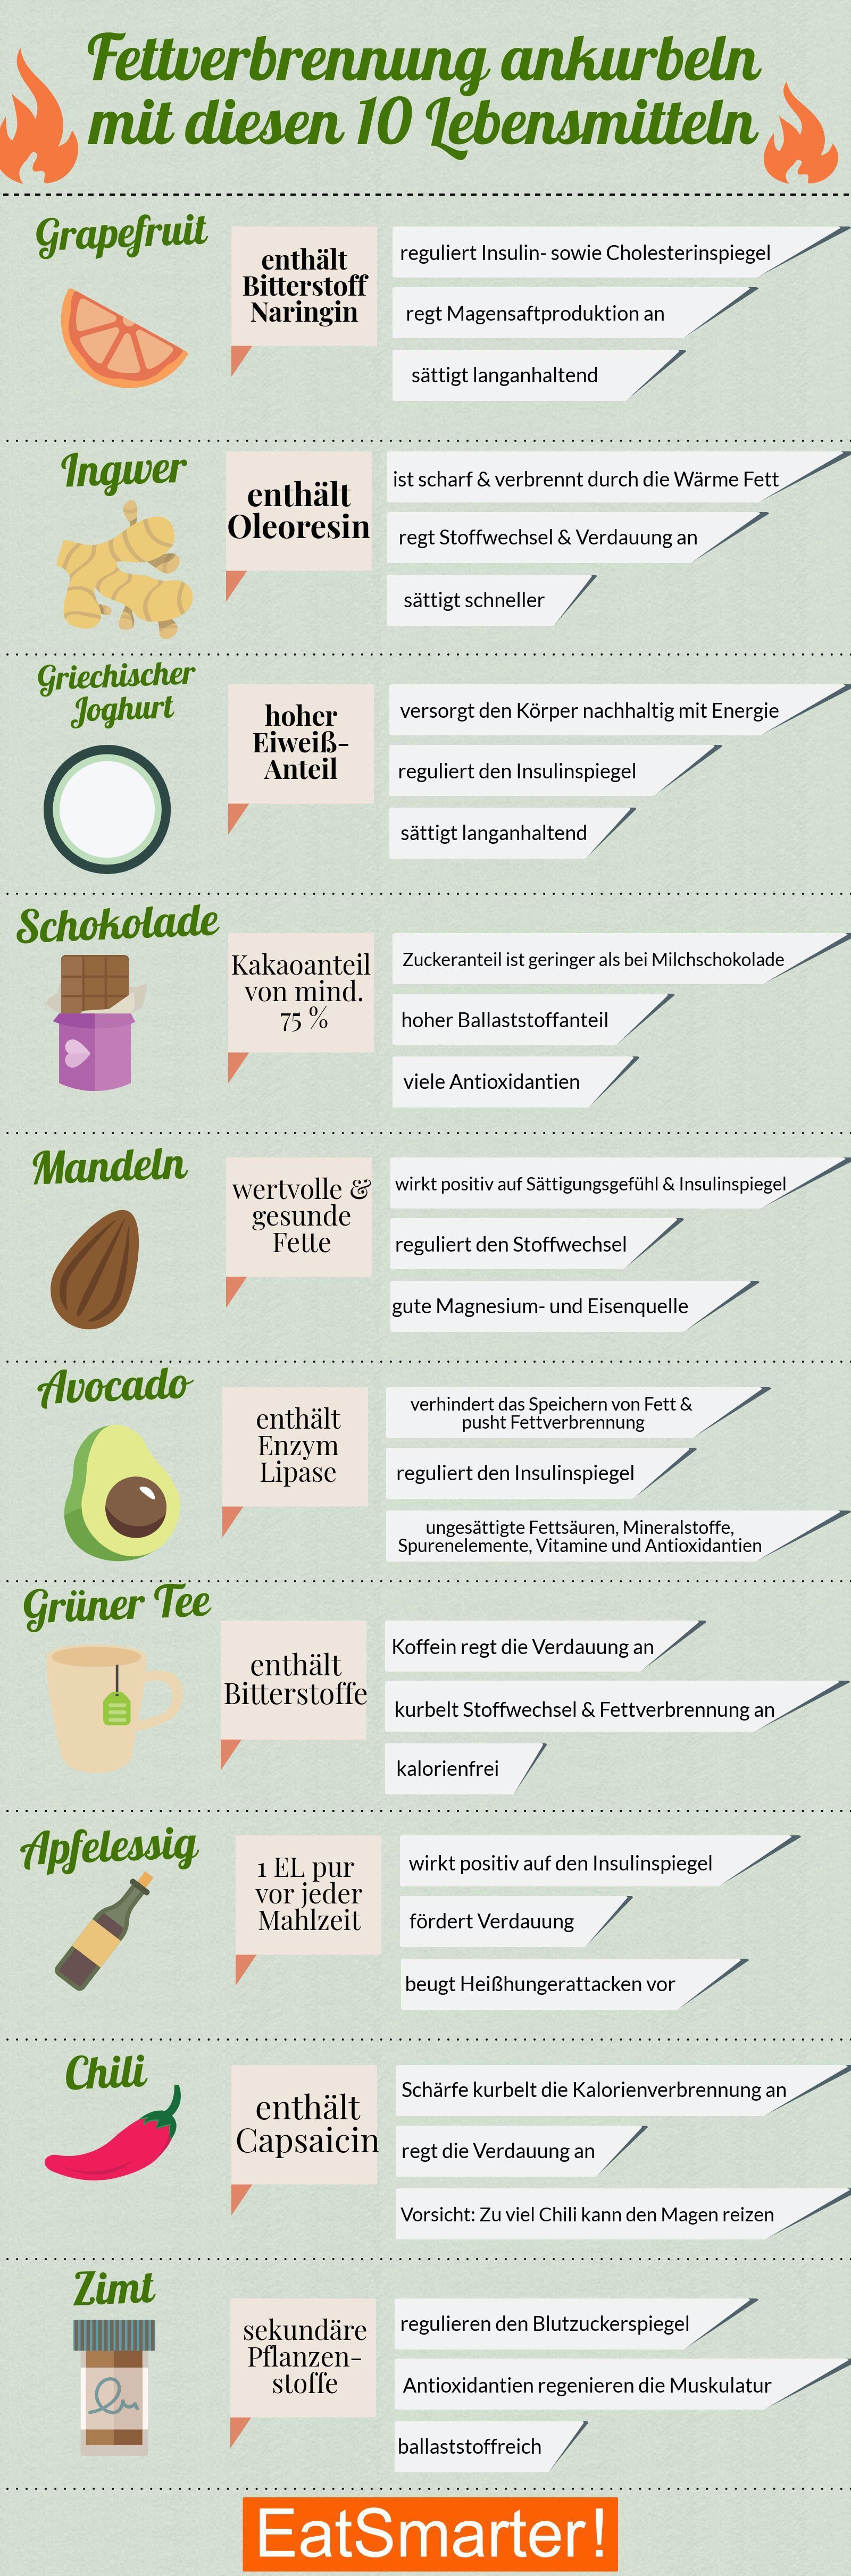 Fettverbrennung ankurbeln: Mit diesen 10 Lebensmitteln | eatsmarter.de #fettverbrennung #abnehmen #f...